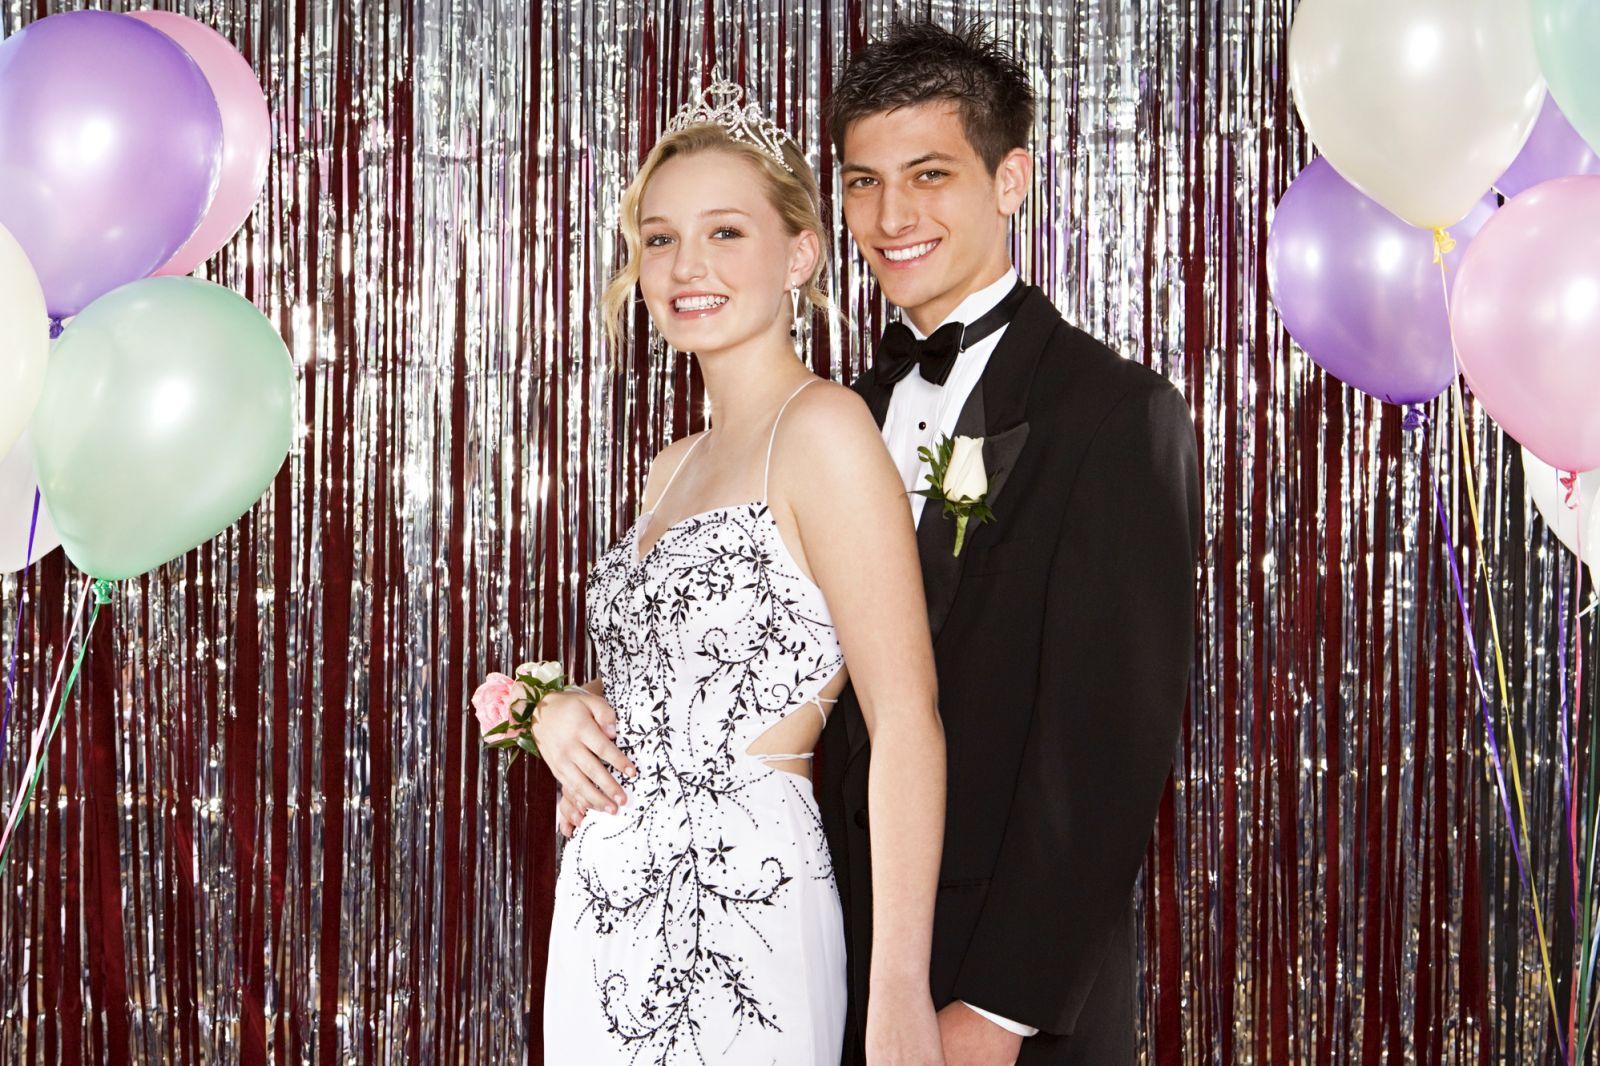 Prom là gì? Những Điều Cần Biết Về Tiệc Prom Party